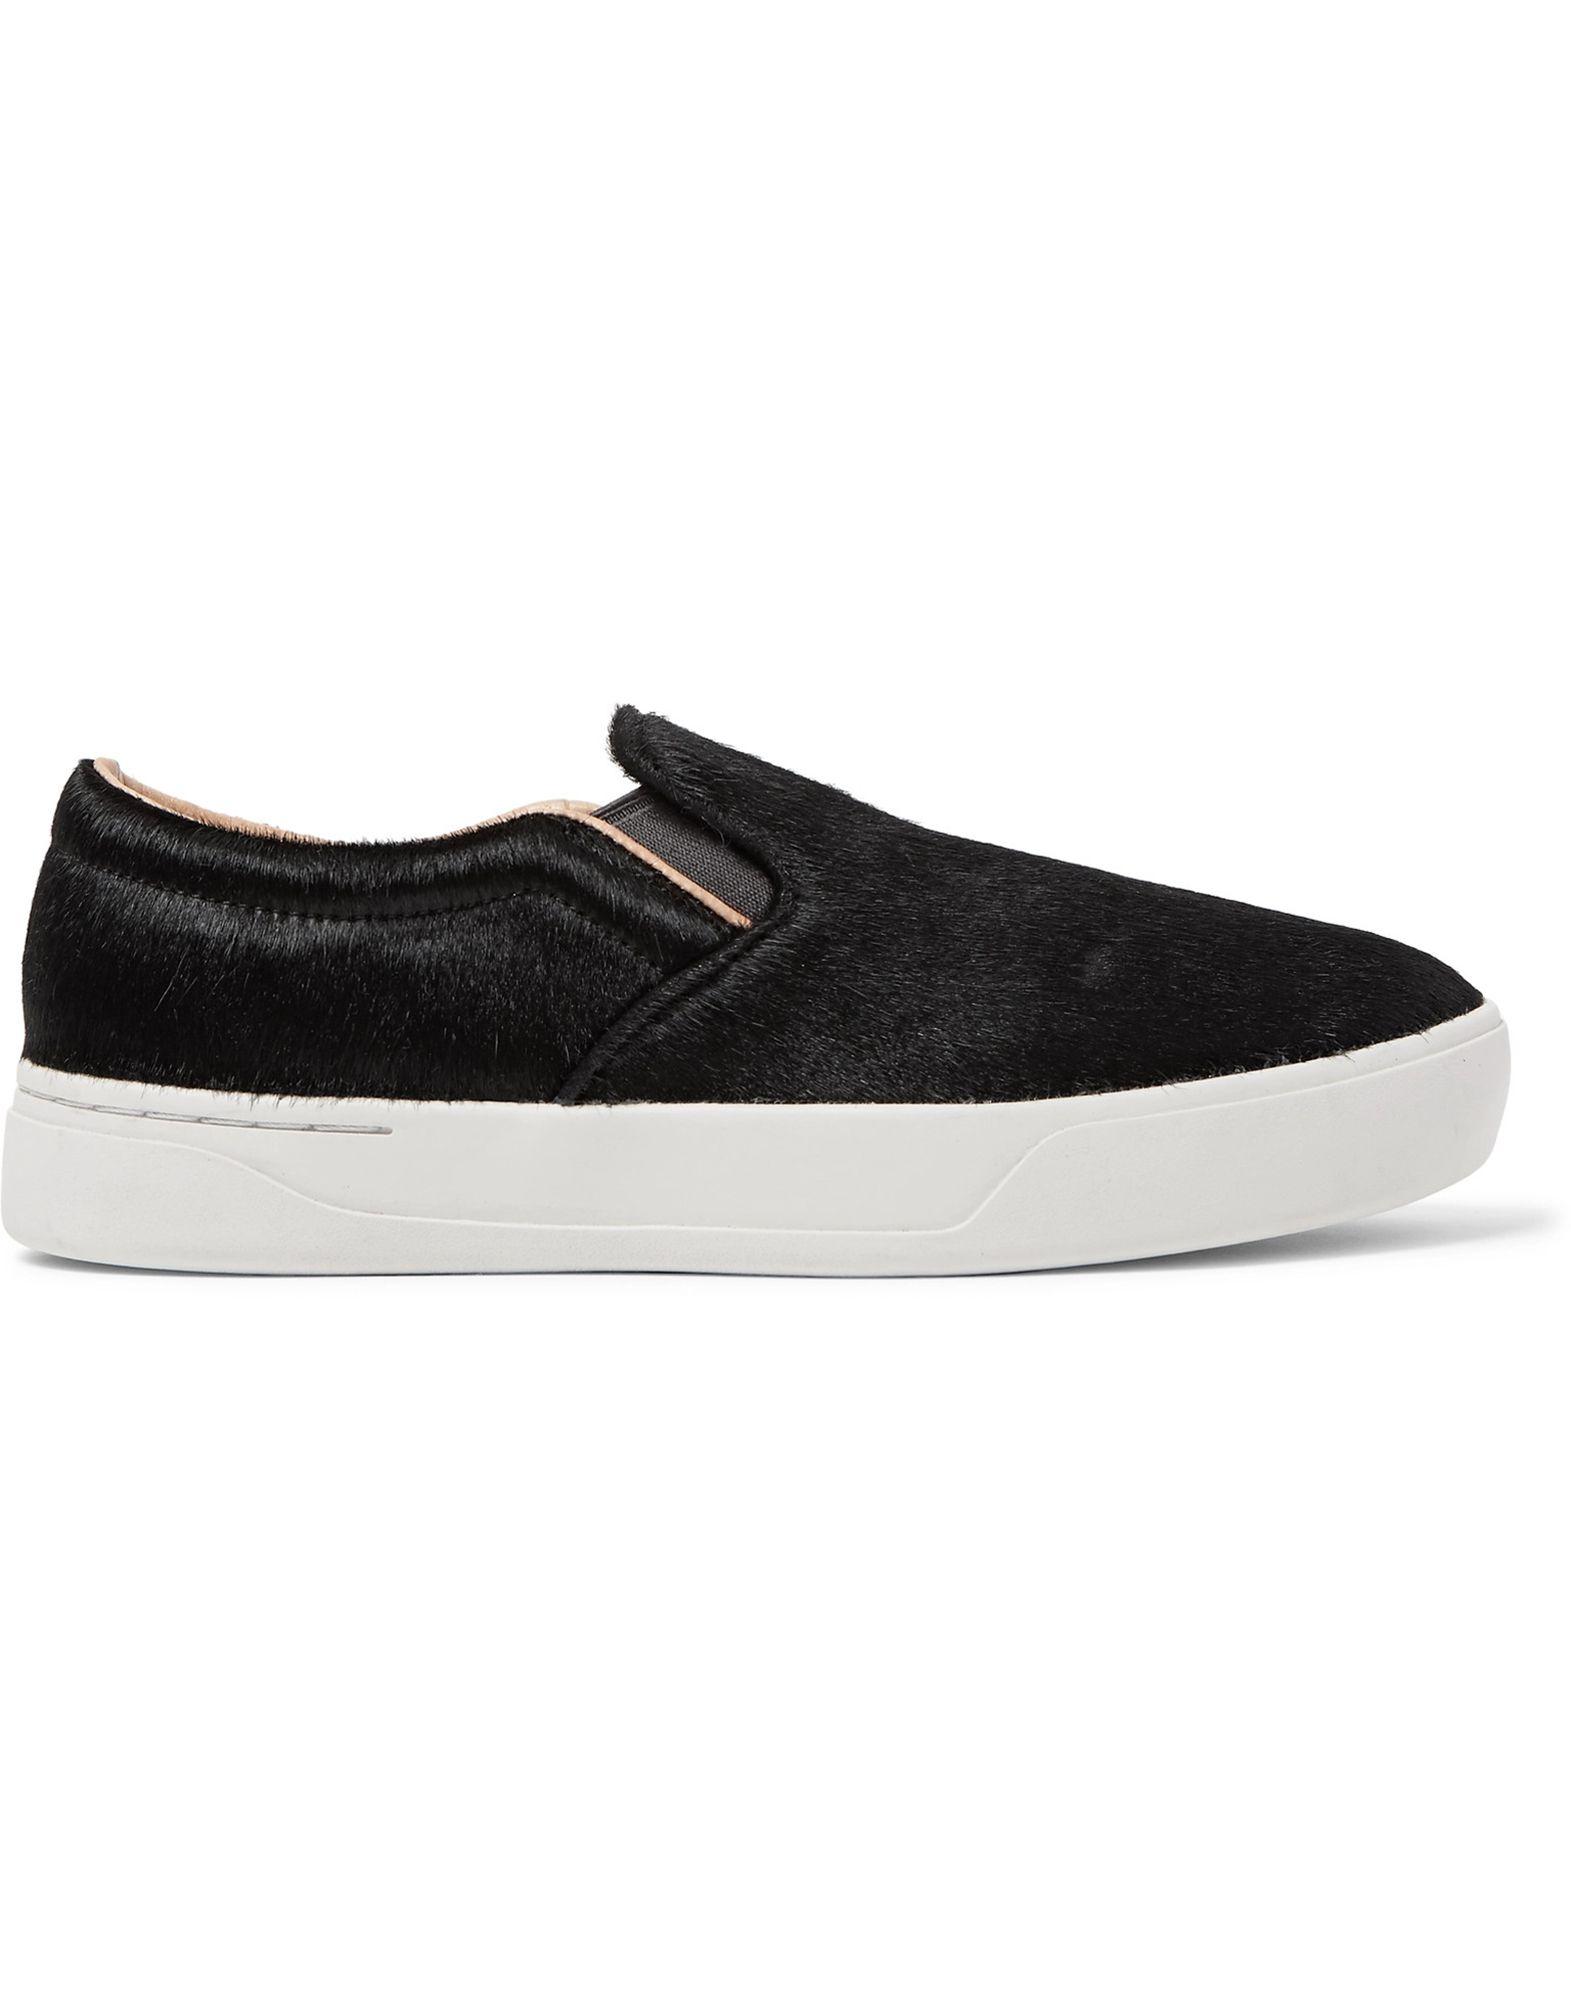 Saturdays New York City Herren Sneakers Herren City  11539698AM 9dca68